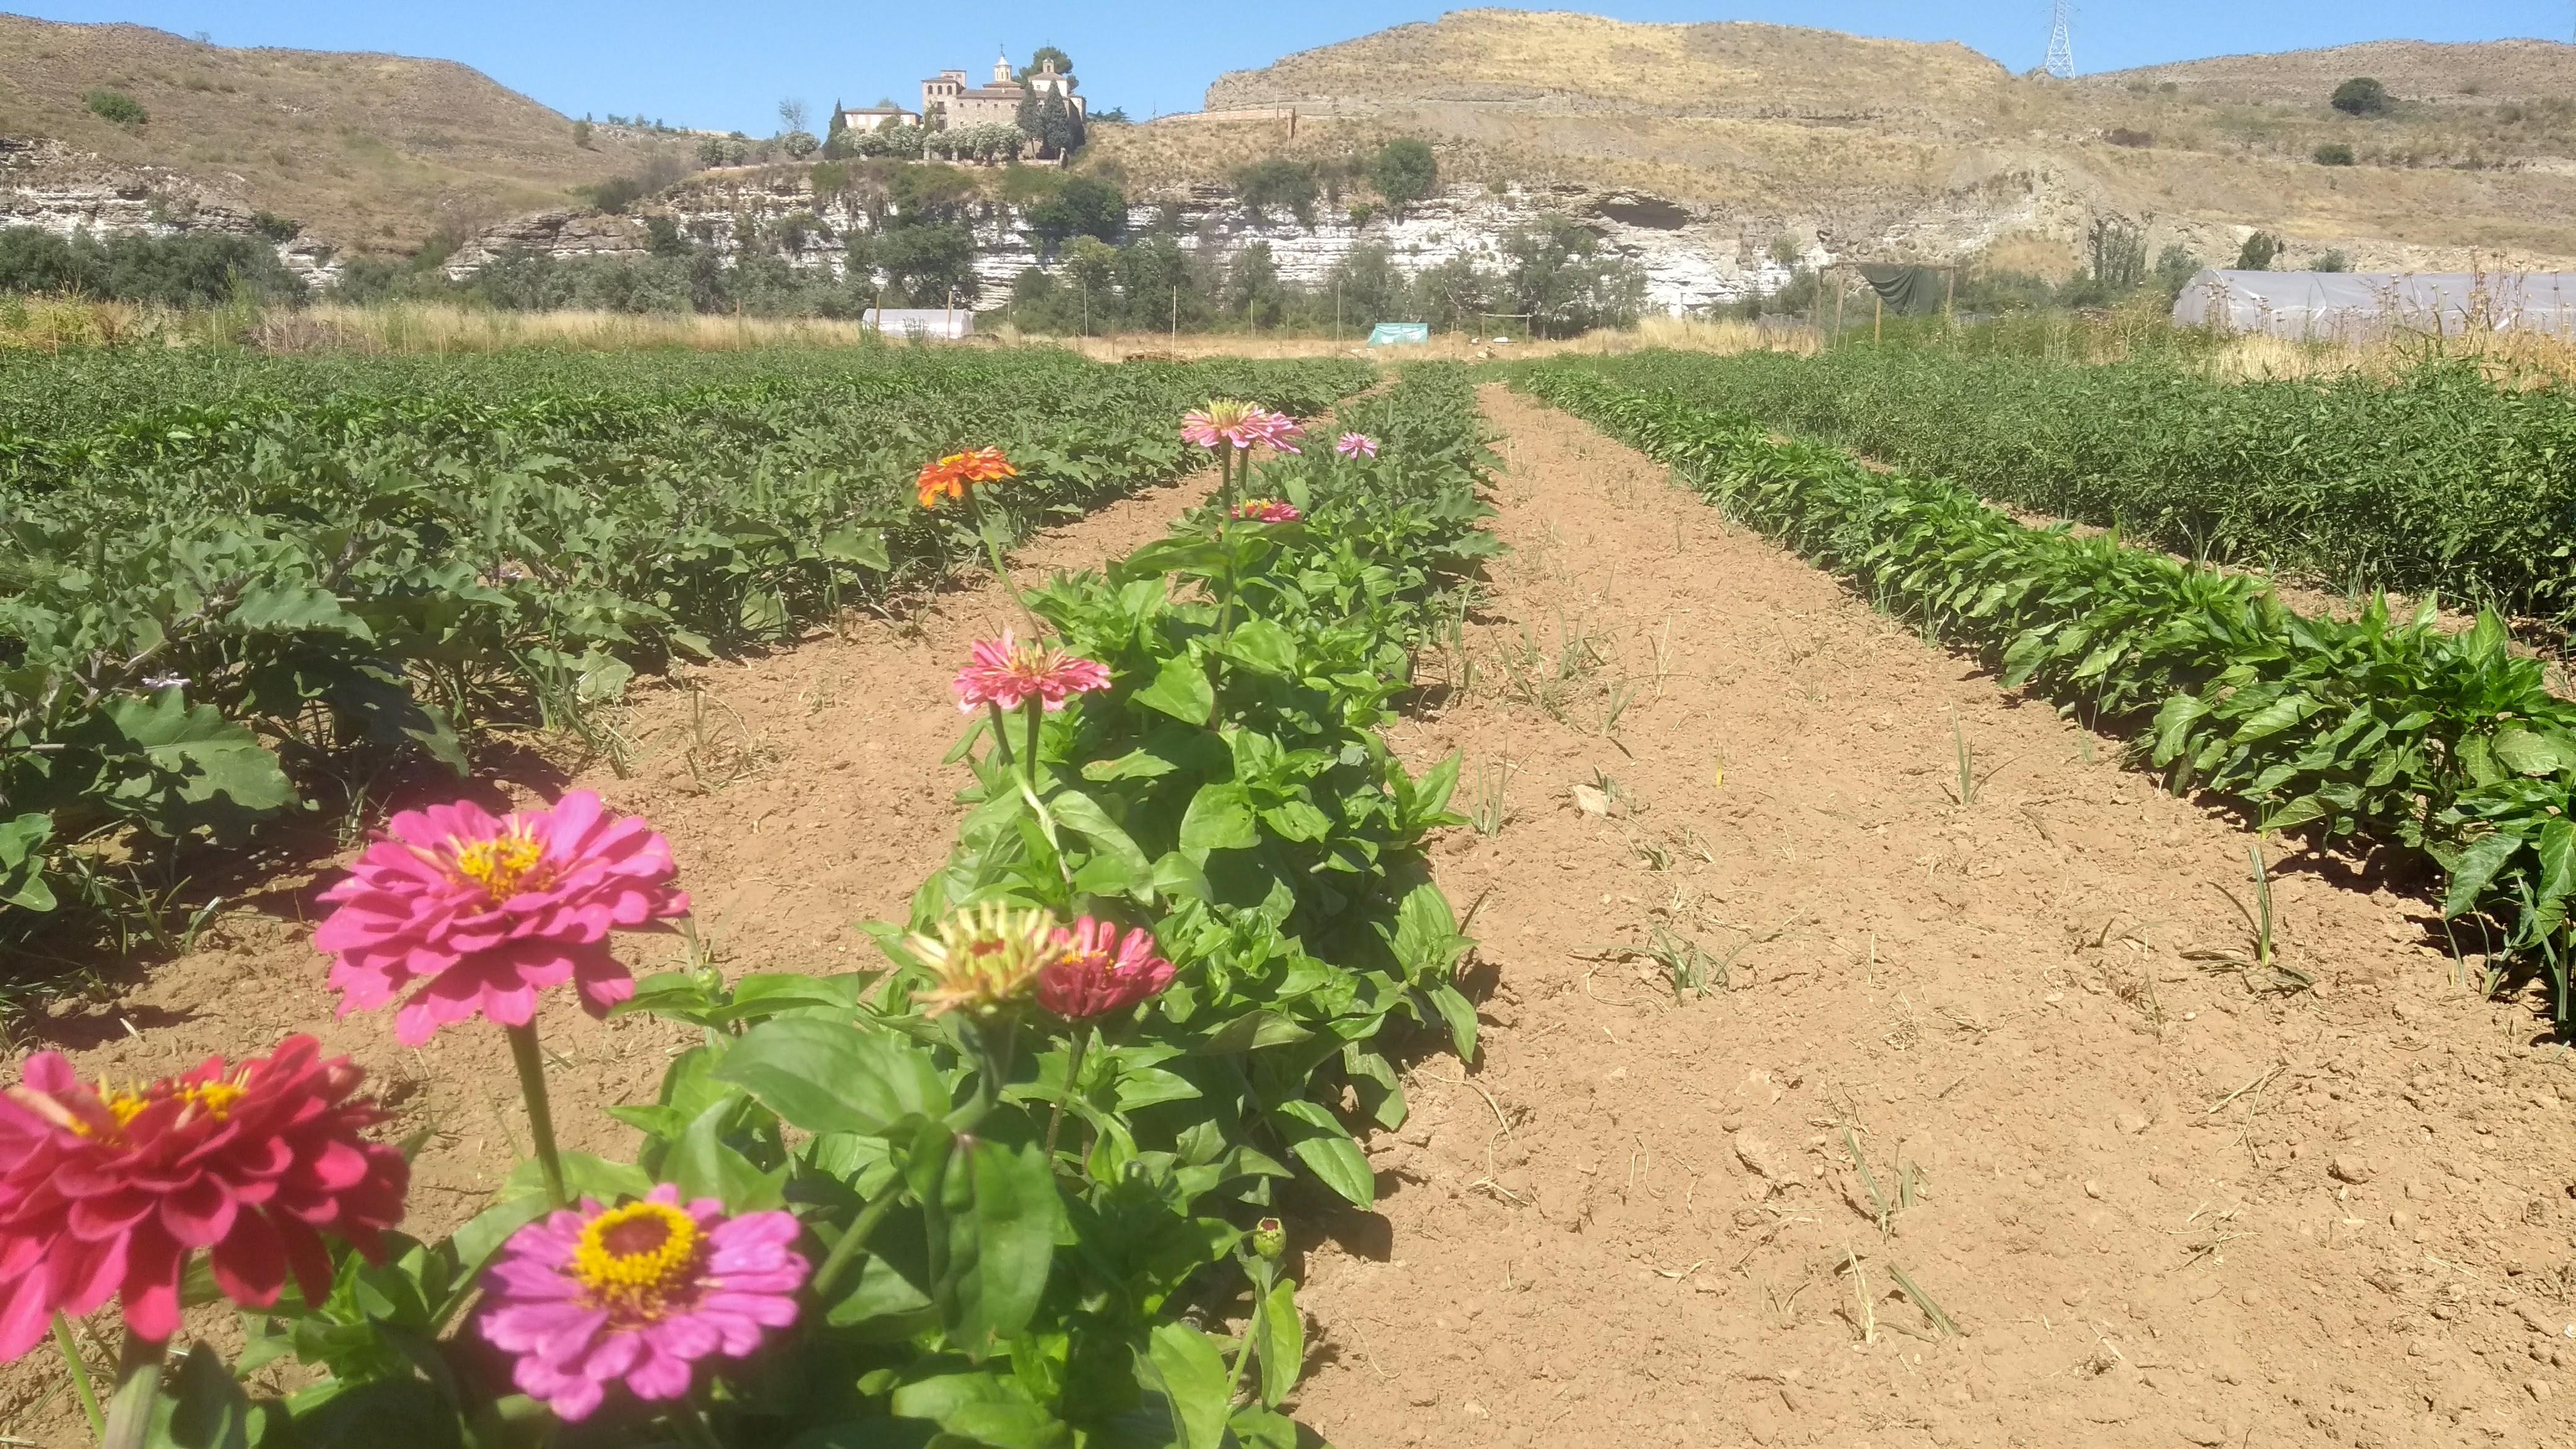 Parque Agroecológico Soto del Grillo. Emprendimiento Agrícola